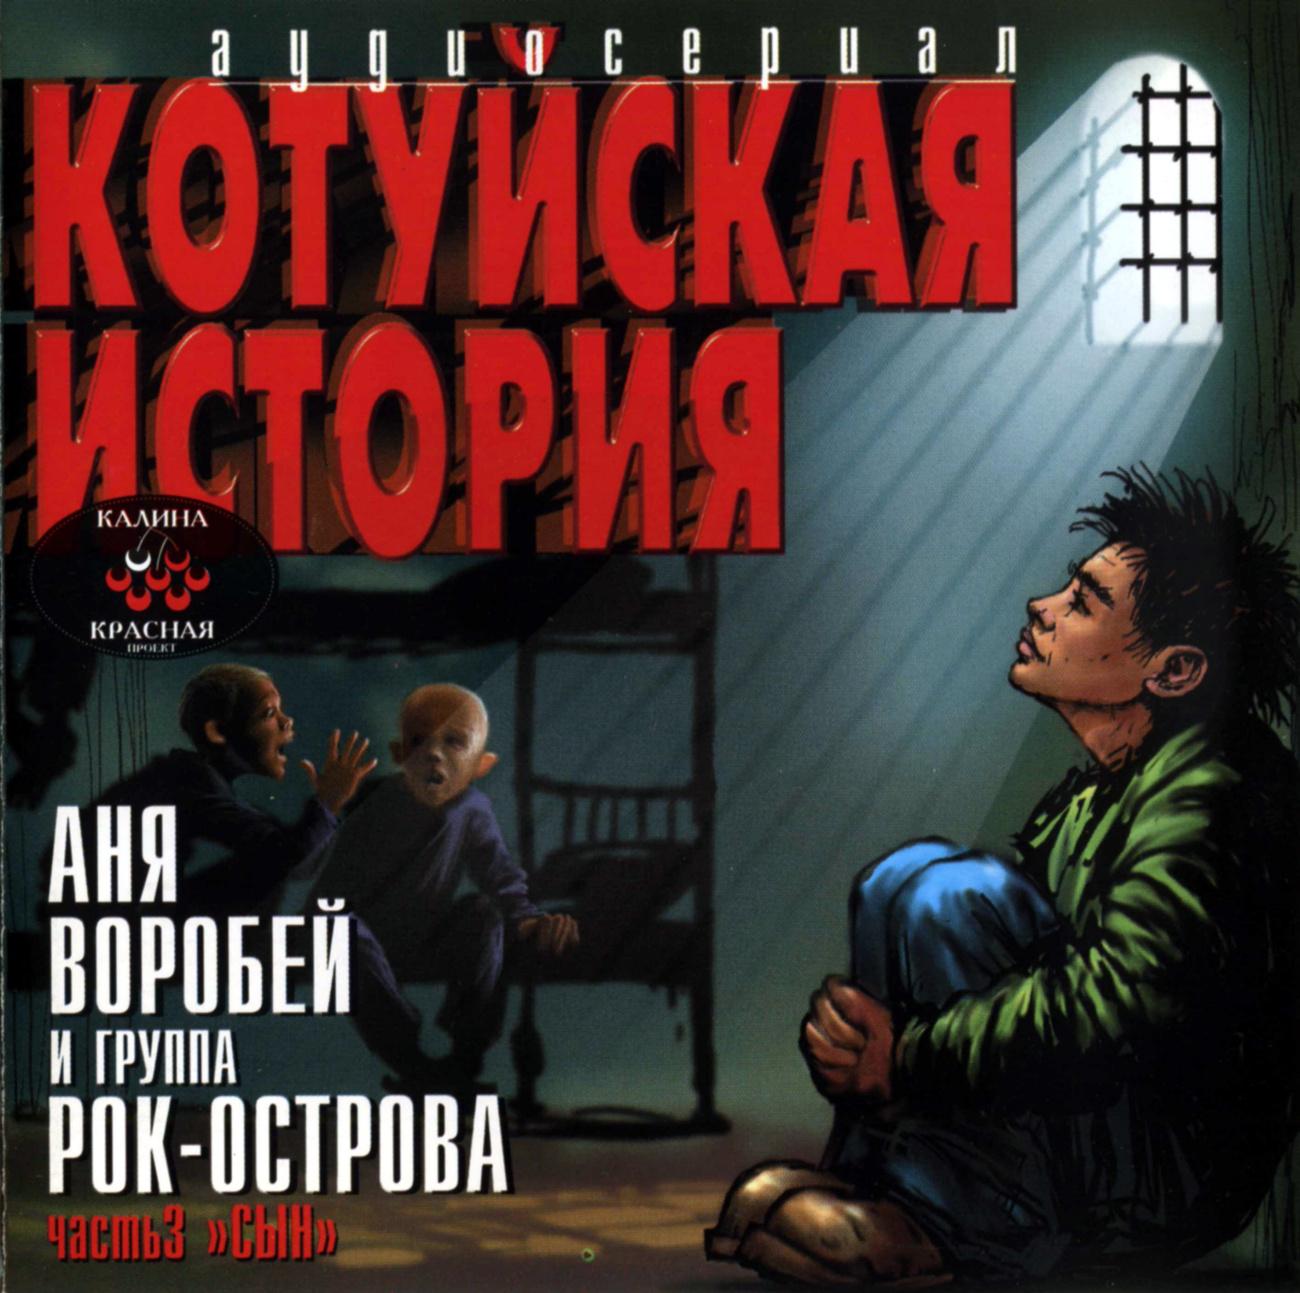 Котуйская история. Часть 3 Сын